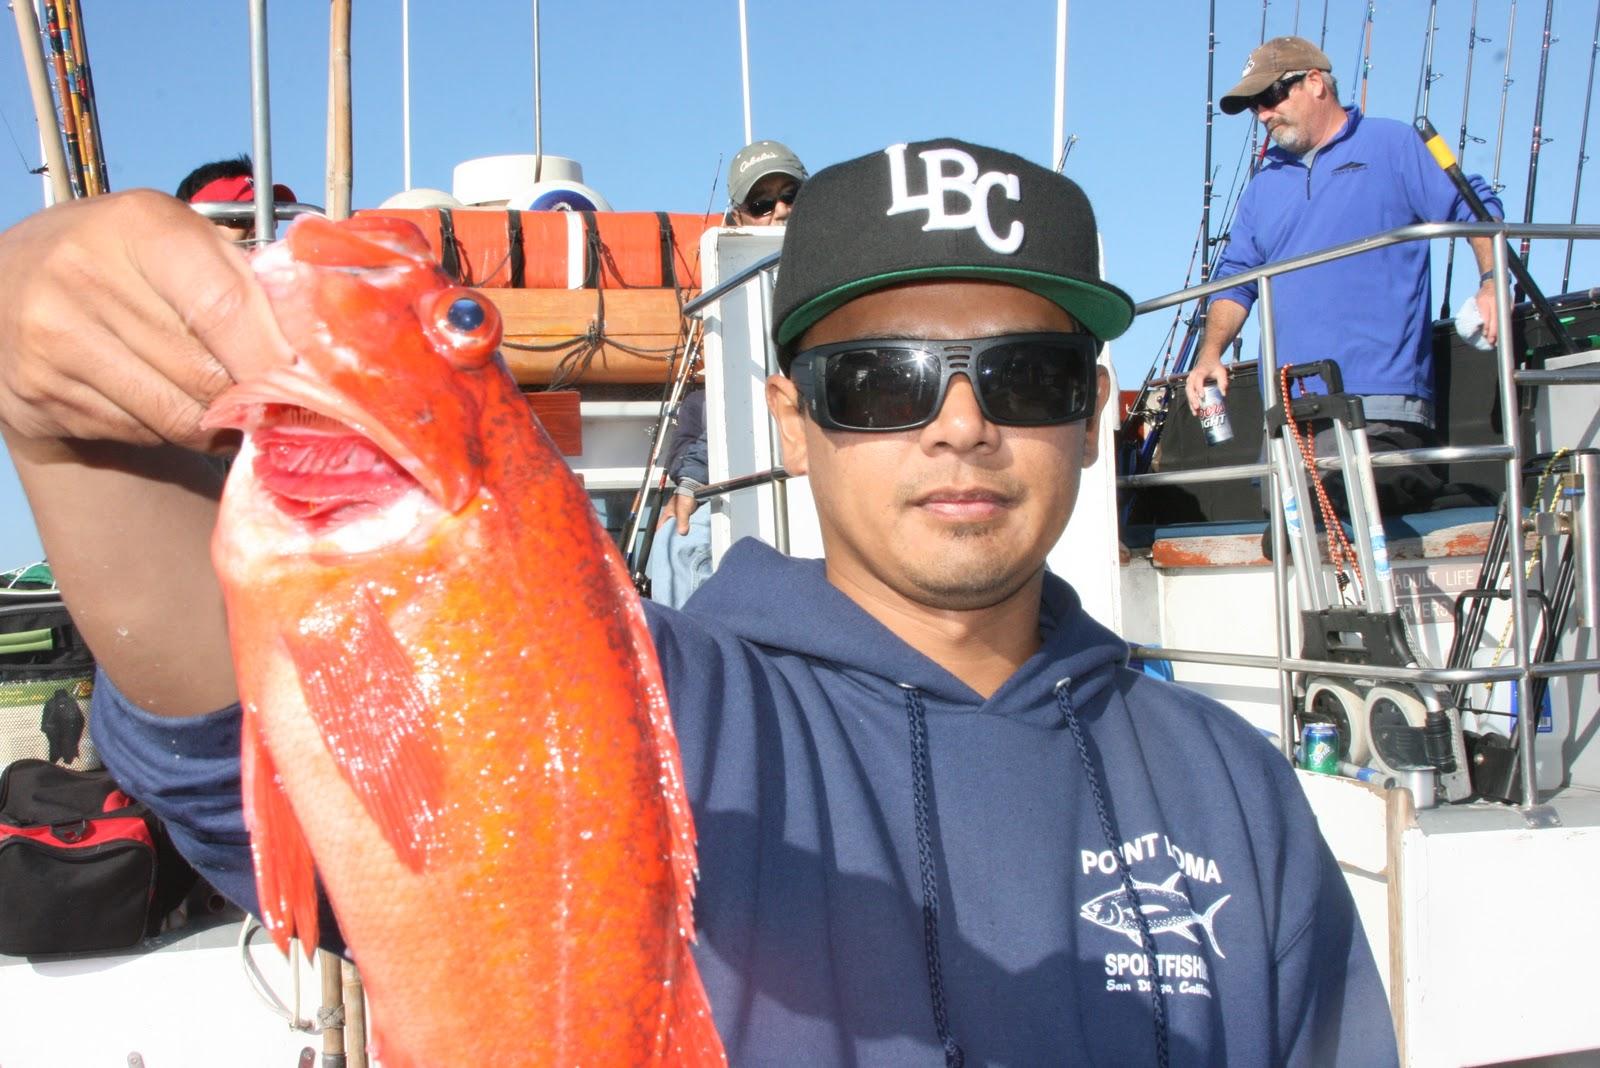 Dan 39 s journal gail force fishing trip report for Sport fishing with dan hernandez